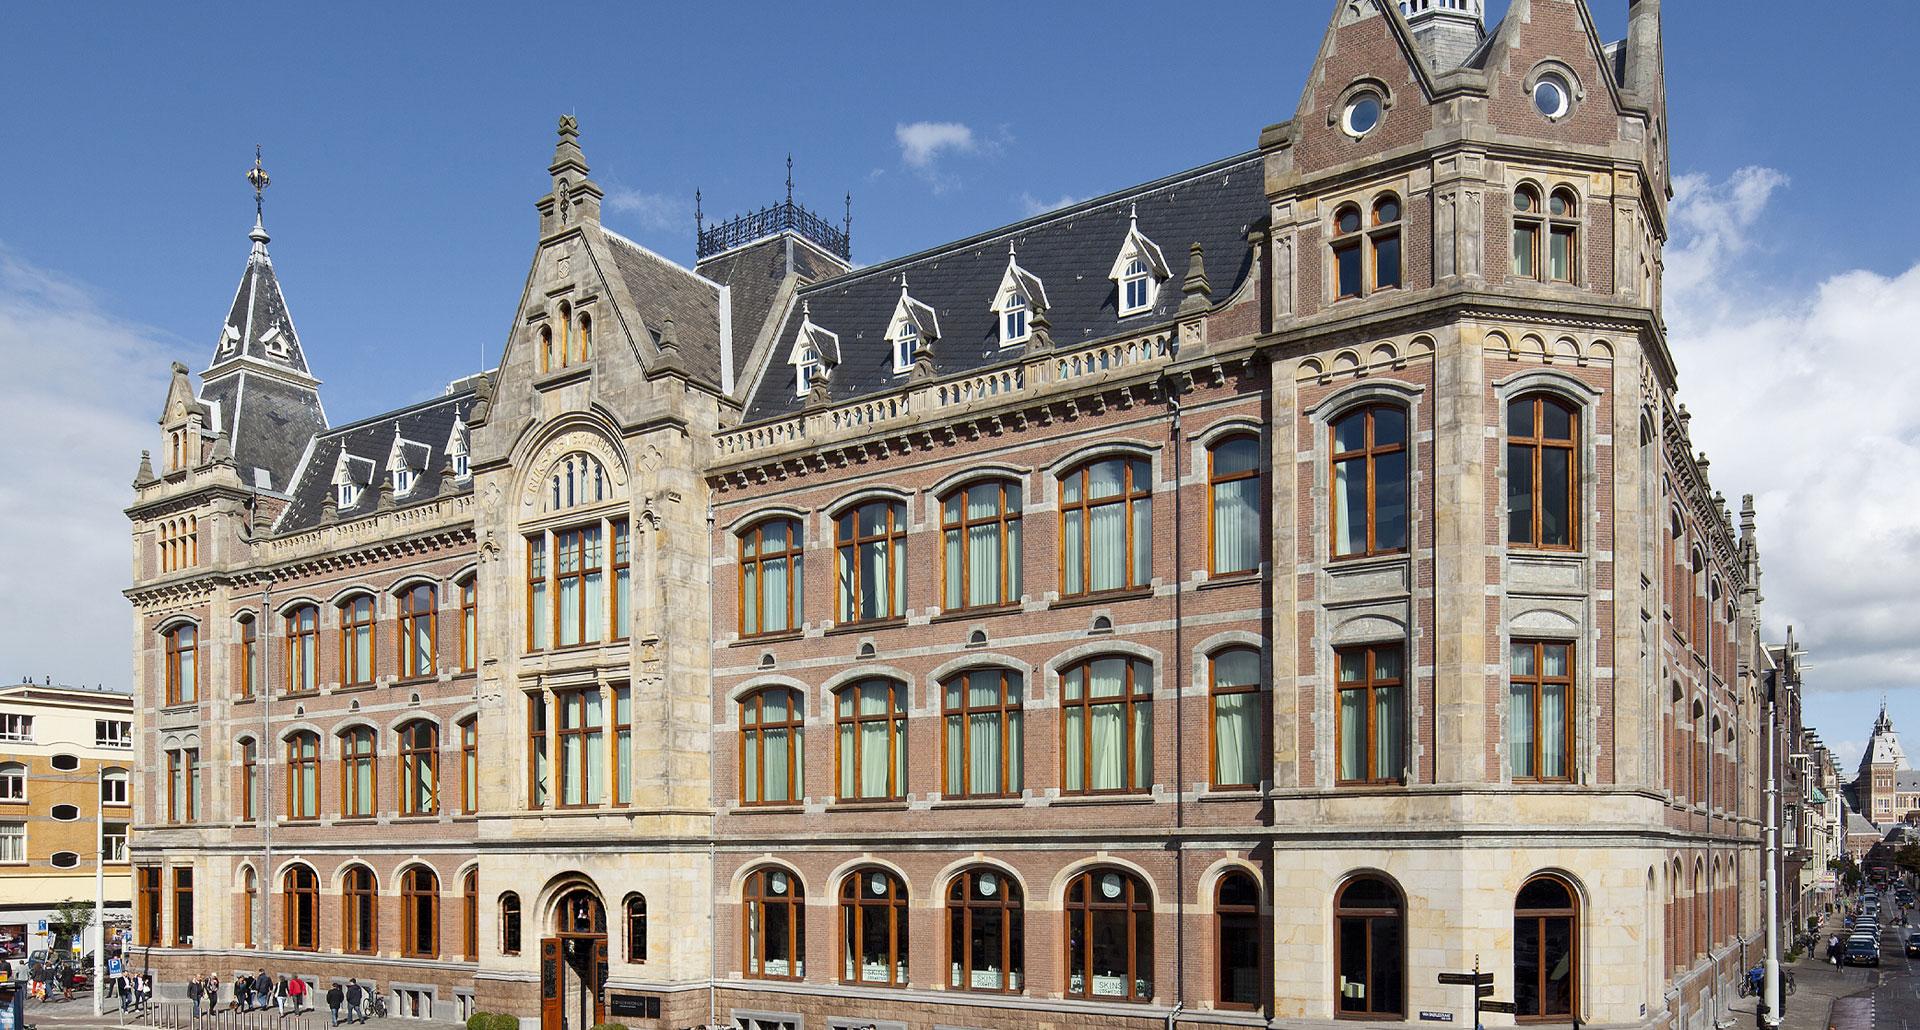 Conservatorium Hotel - boutique hotel in Amsterdam